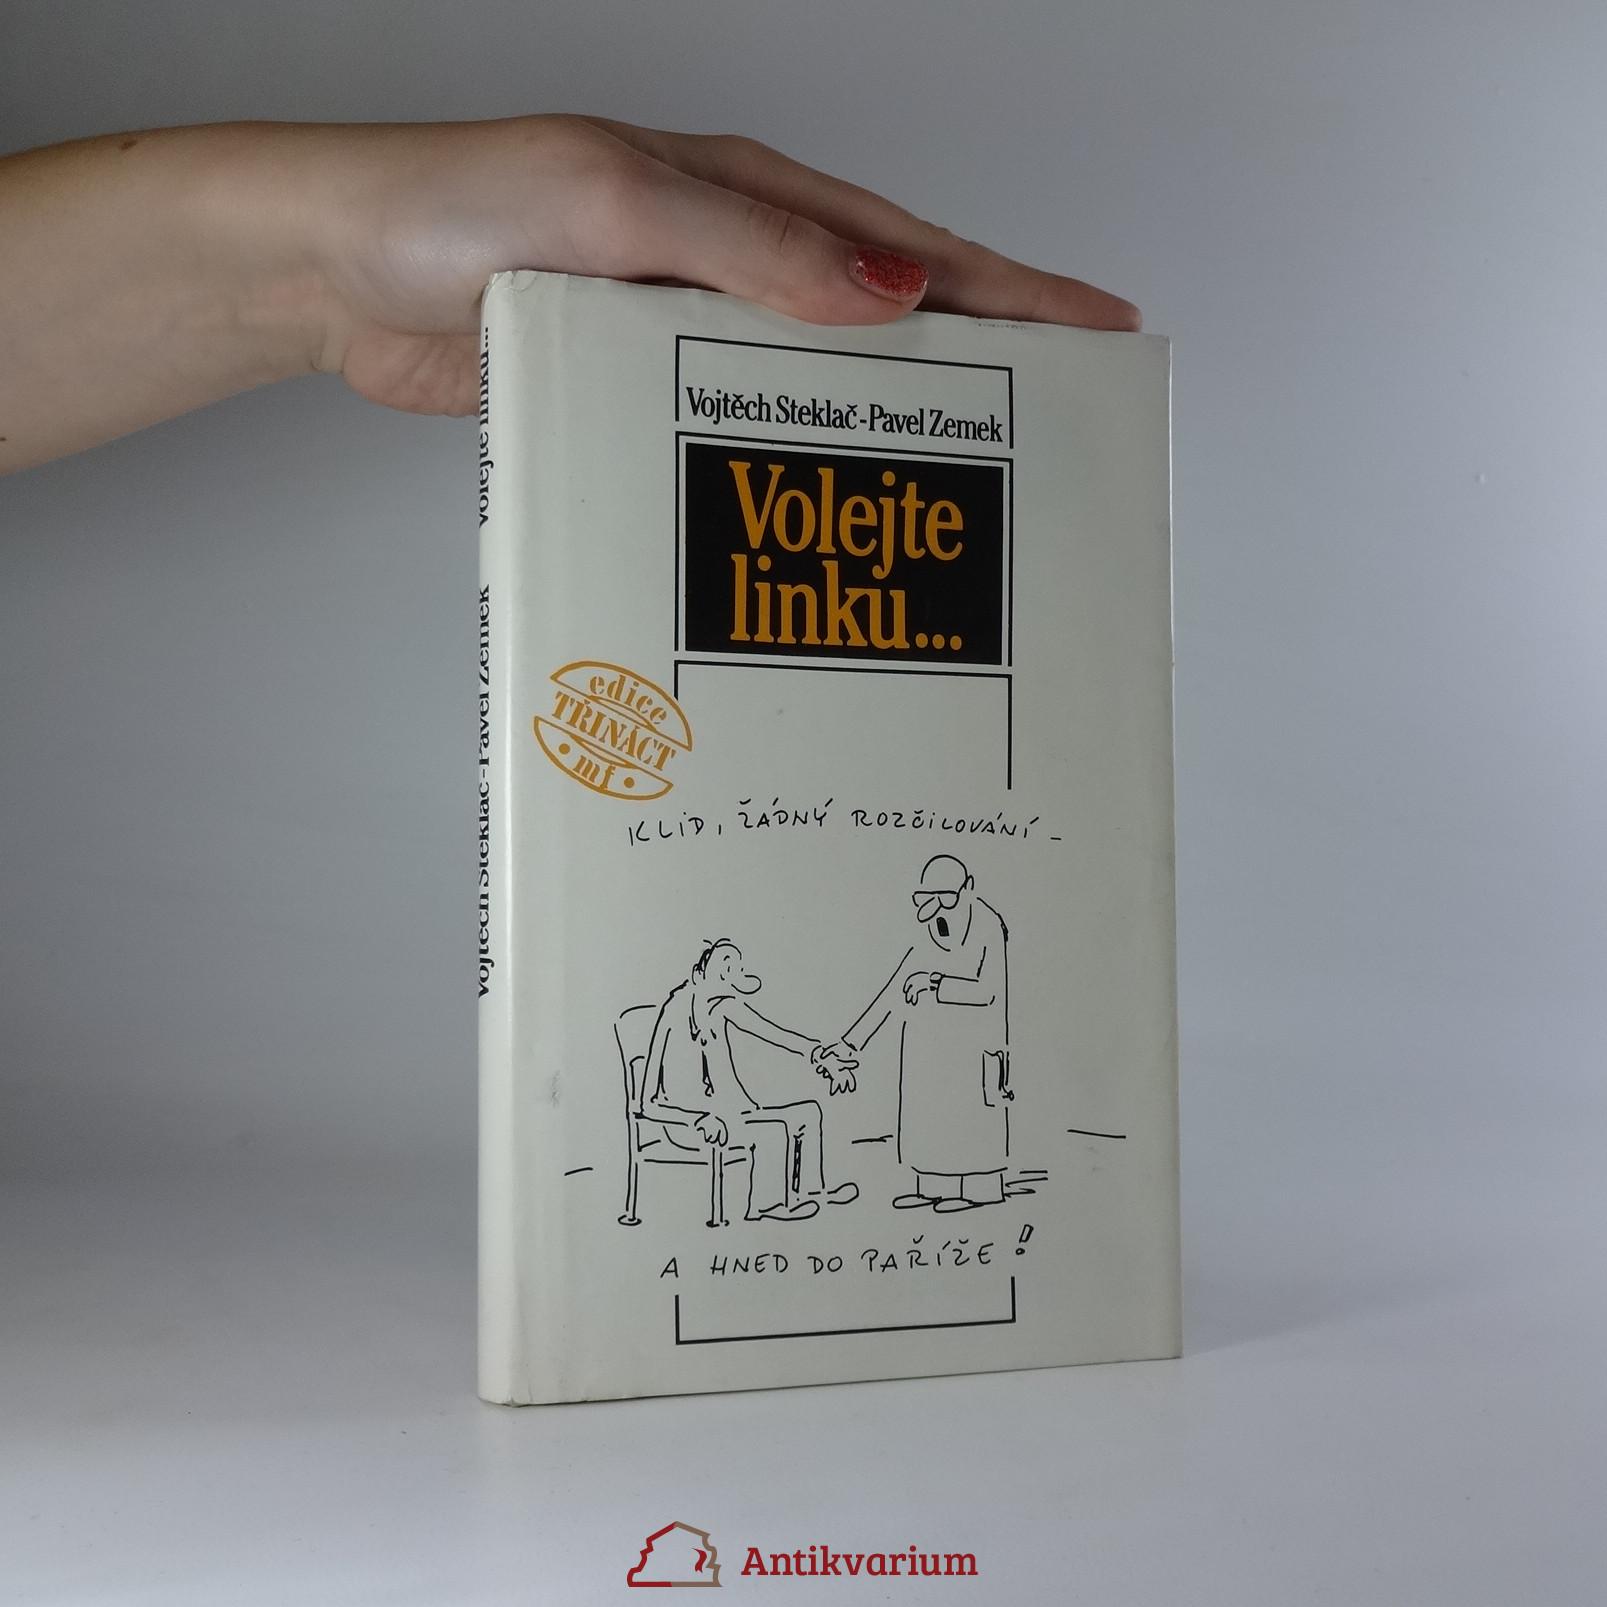 antikvární kniha Volejte linku..., 1989